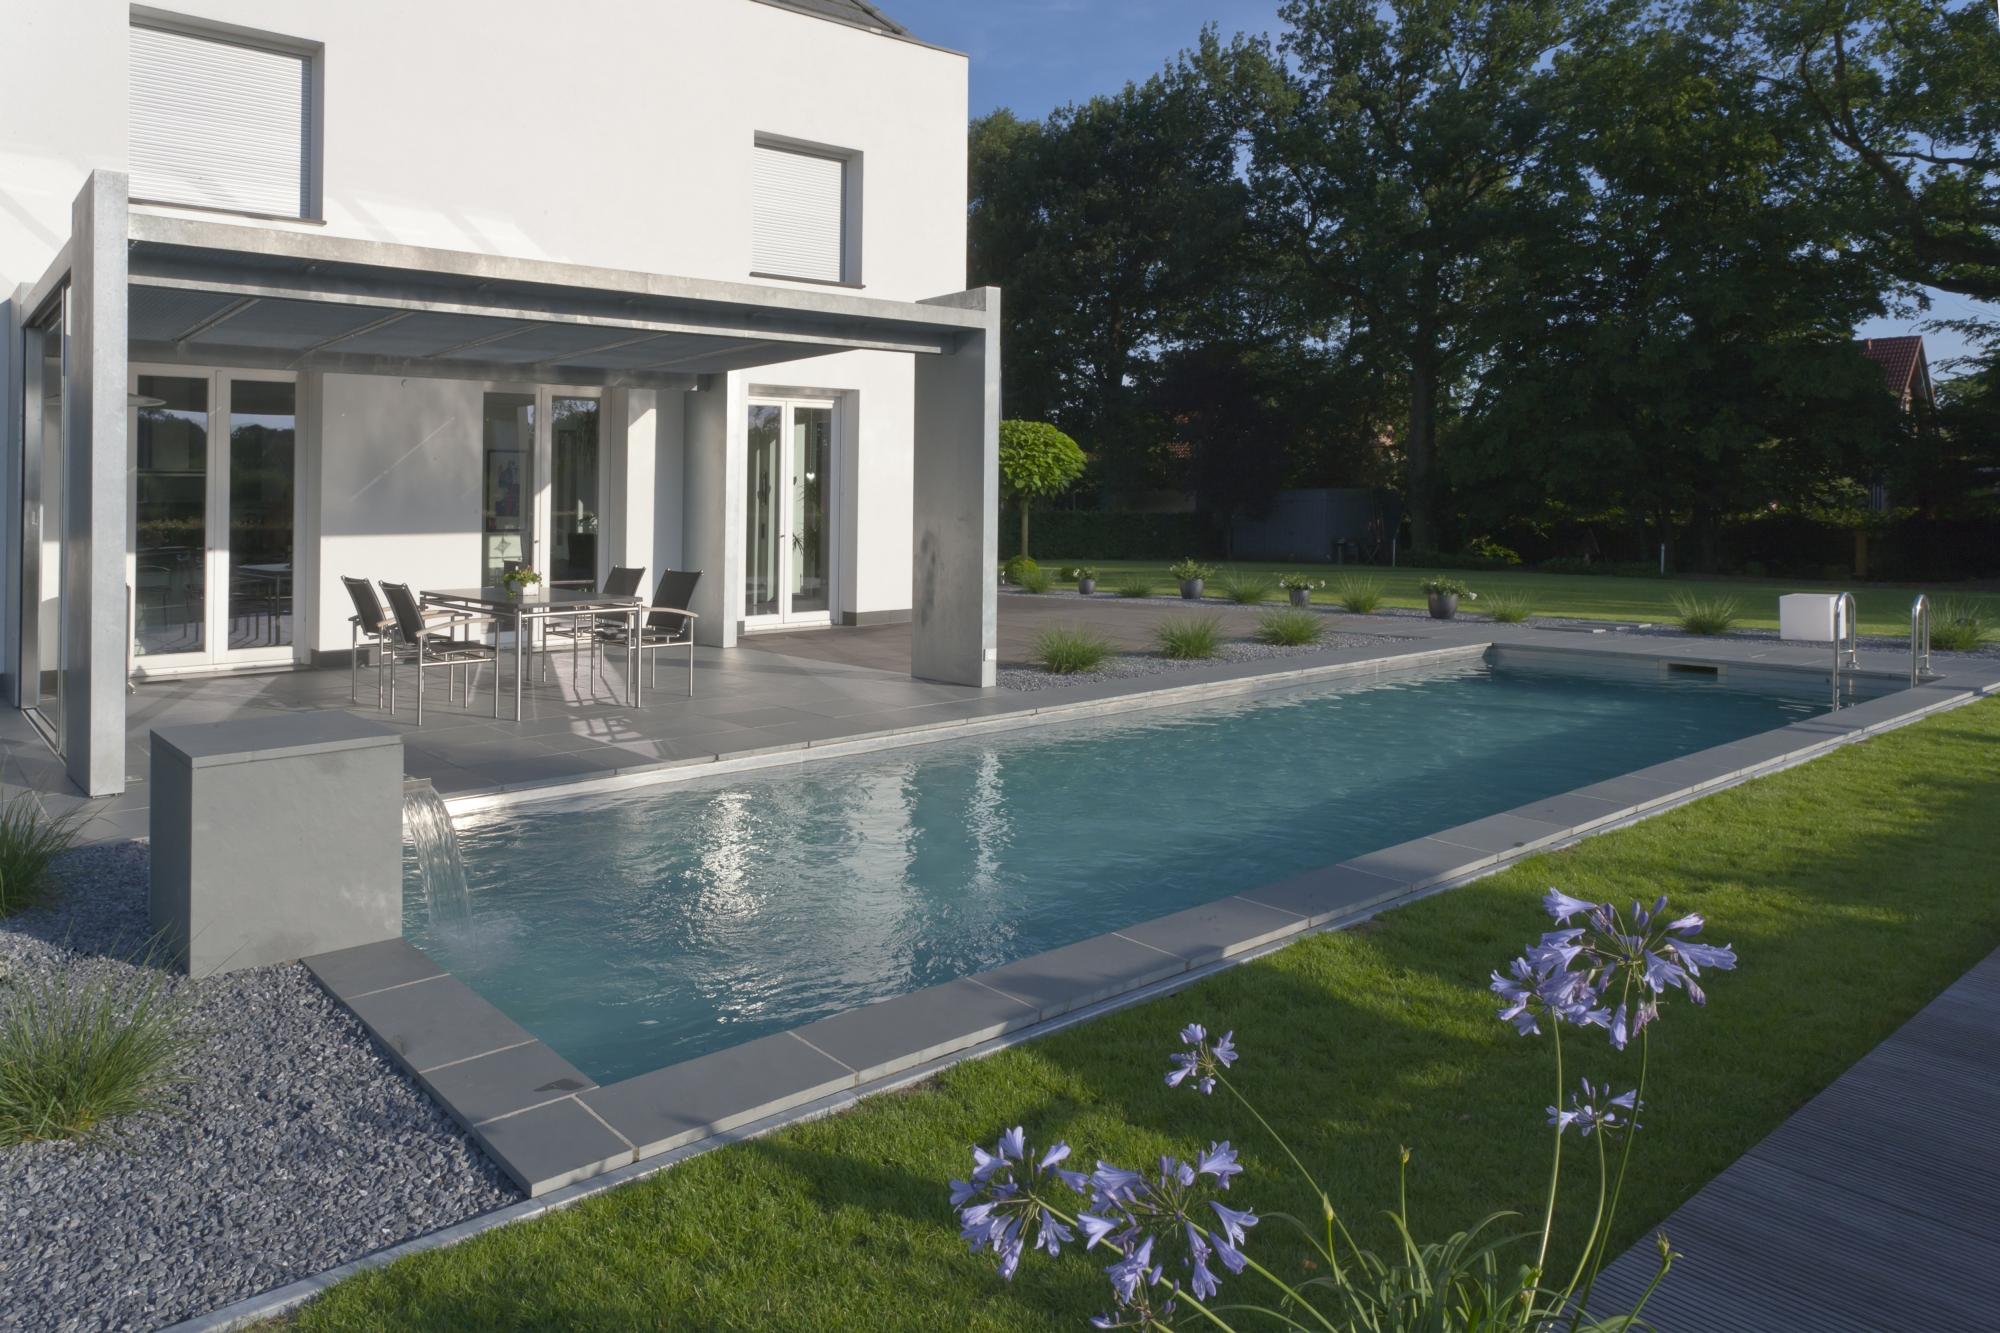 Le living pool de biotop les piscines traditionnelles se - Piscine inox sans liner ...